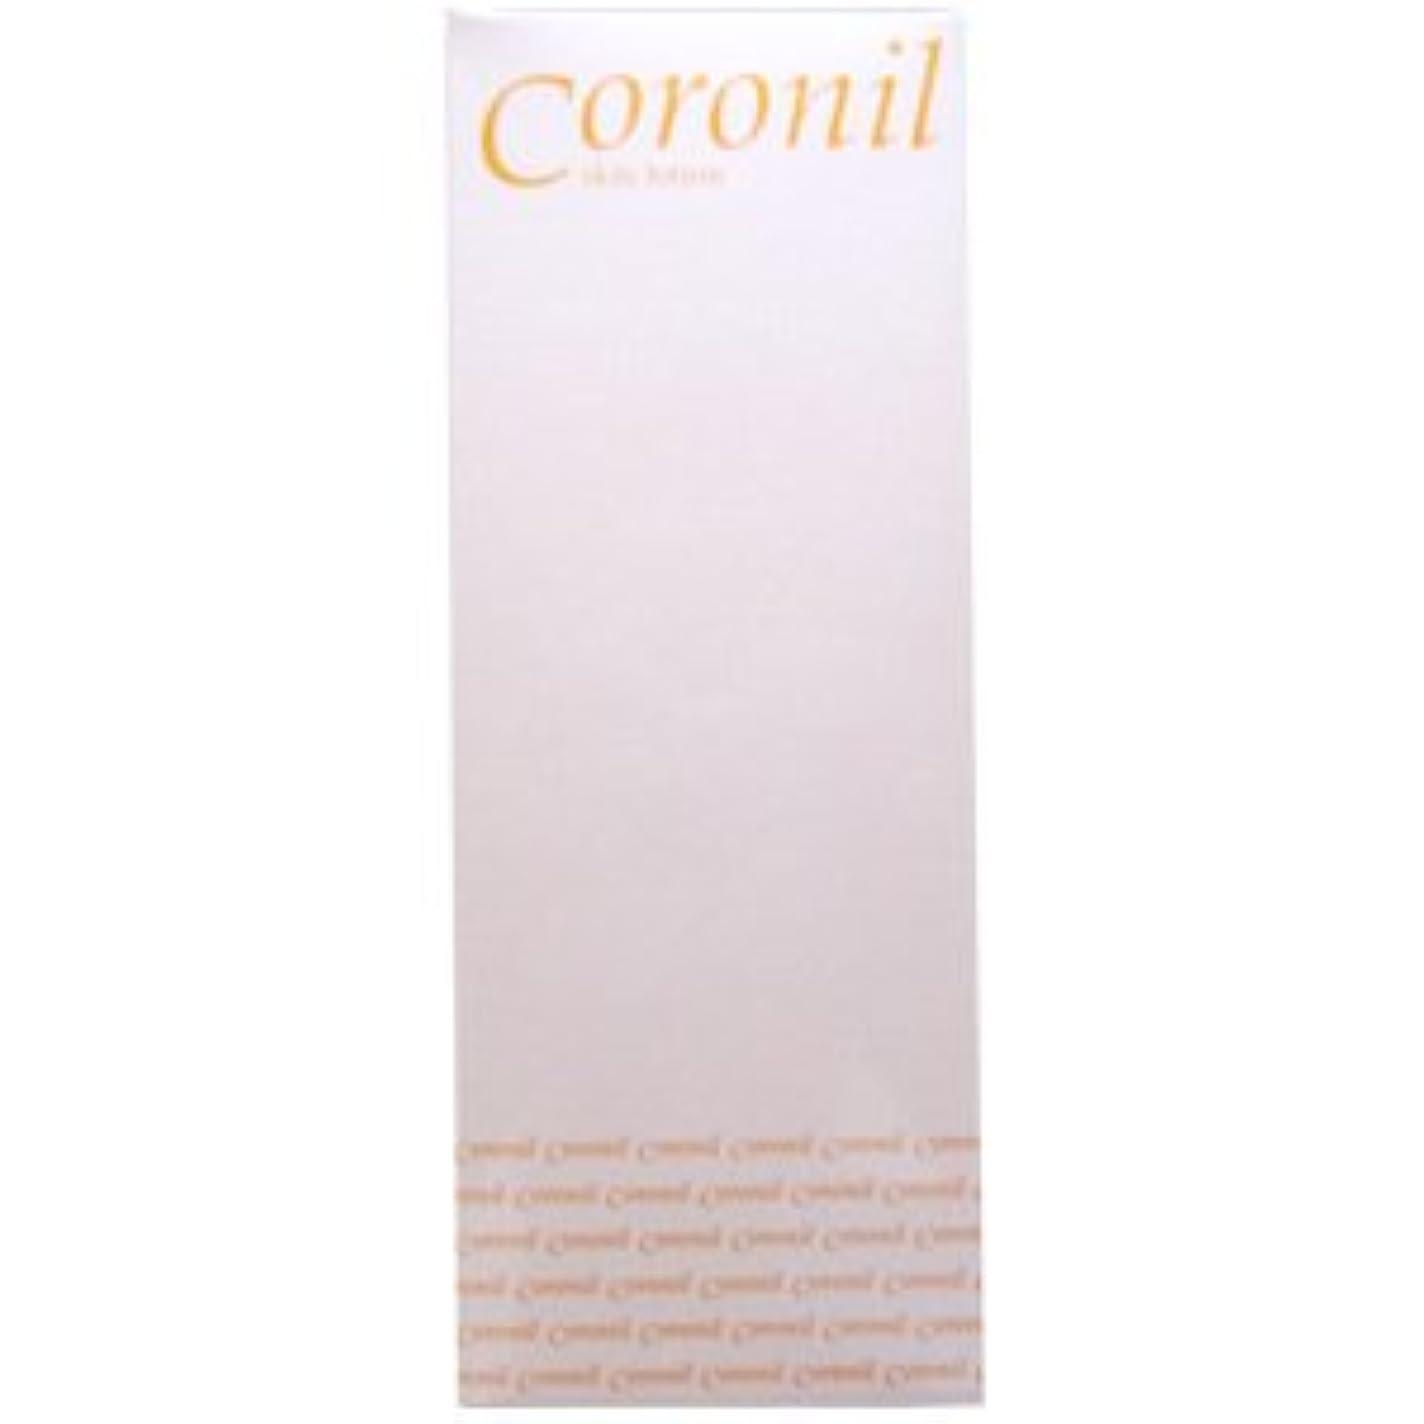 授業料植生大量コロニール スキンローション(化粧水)